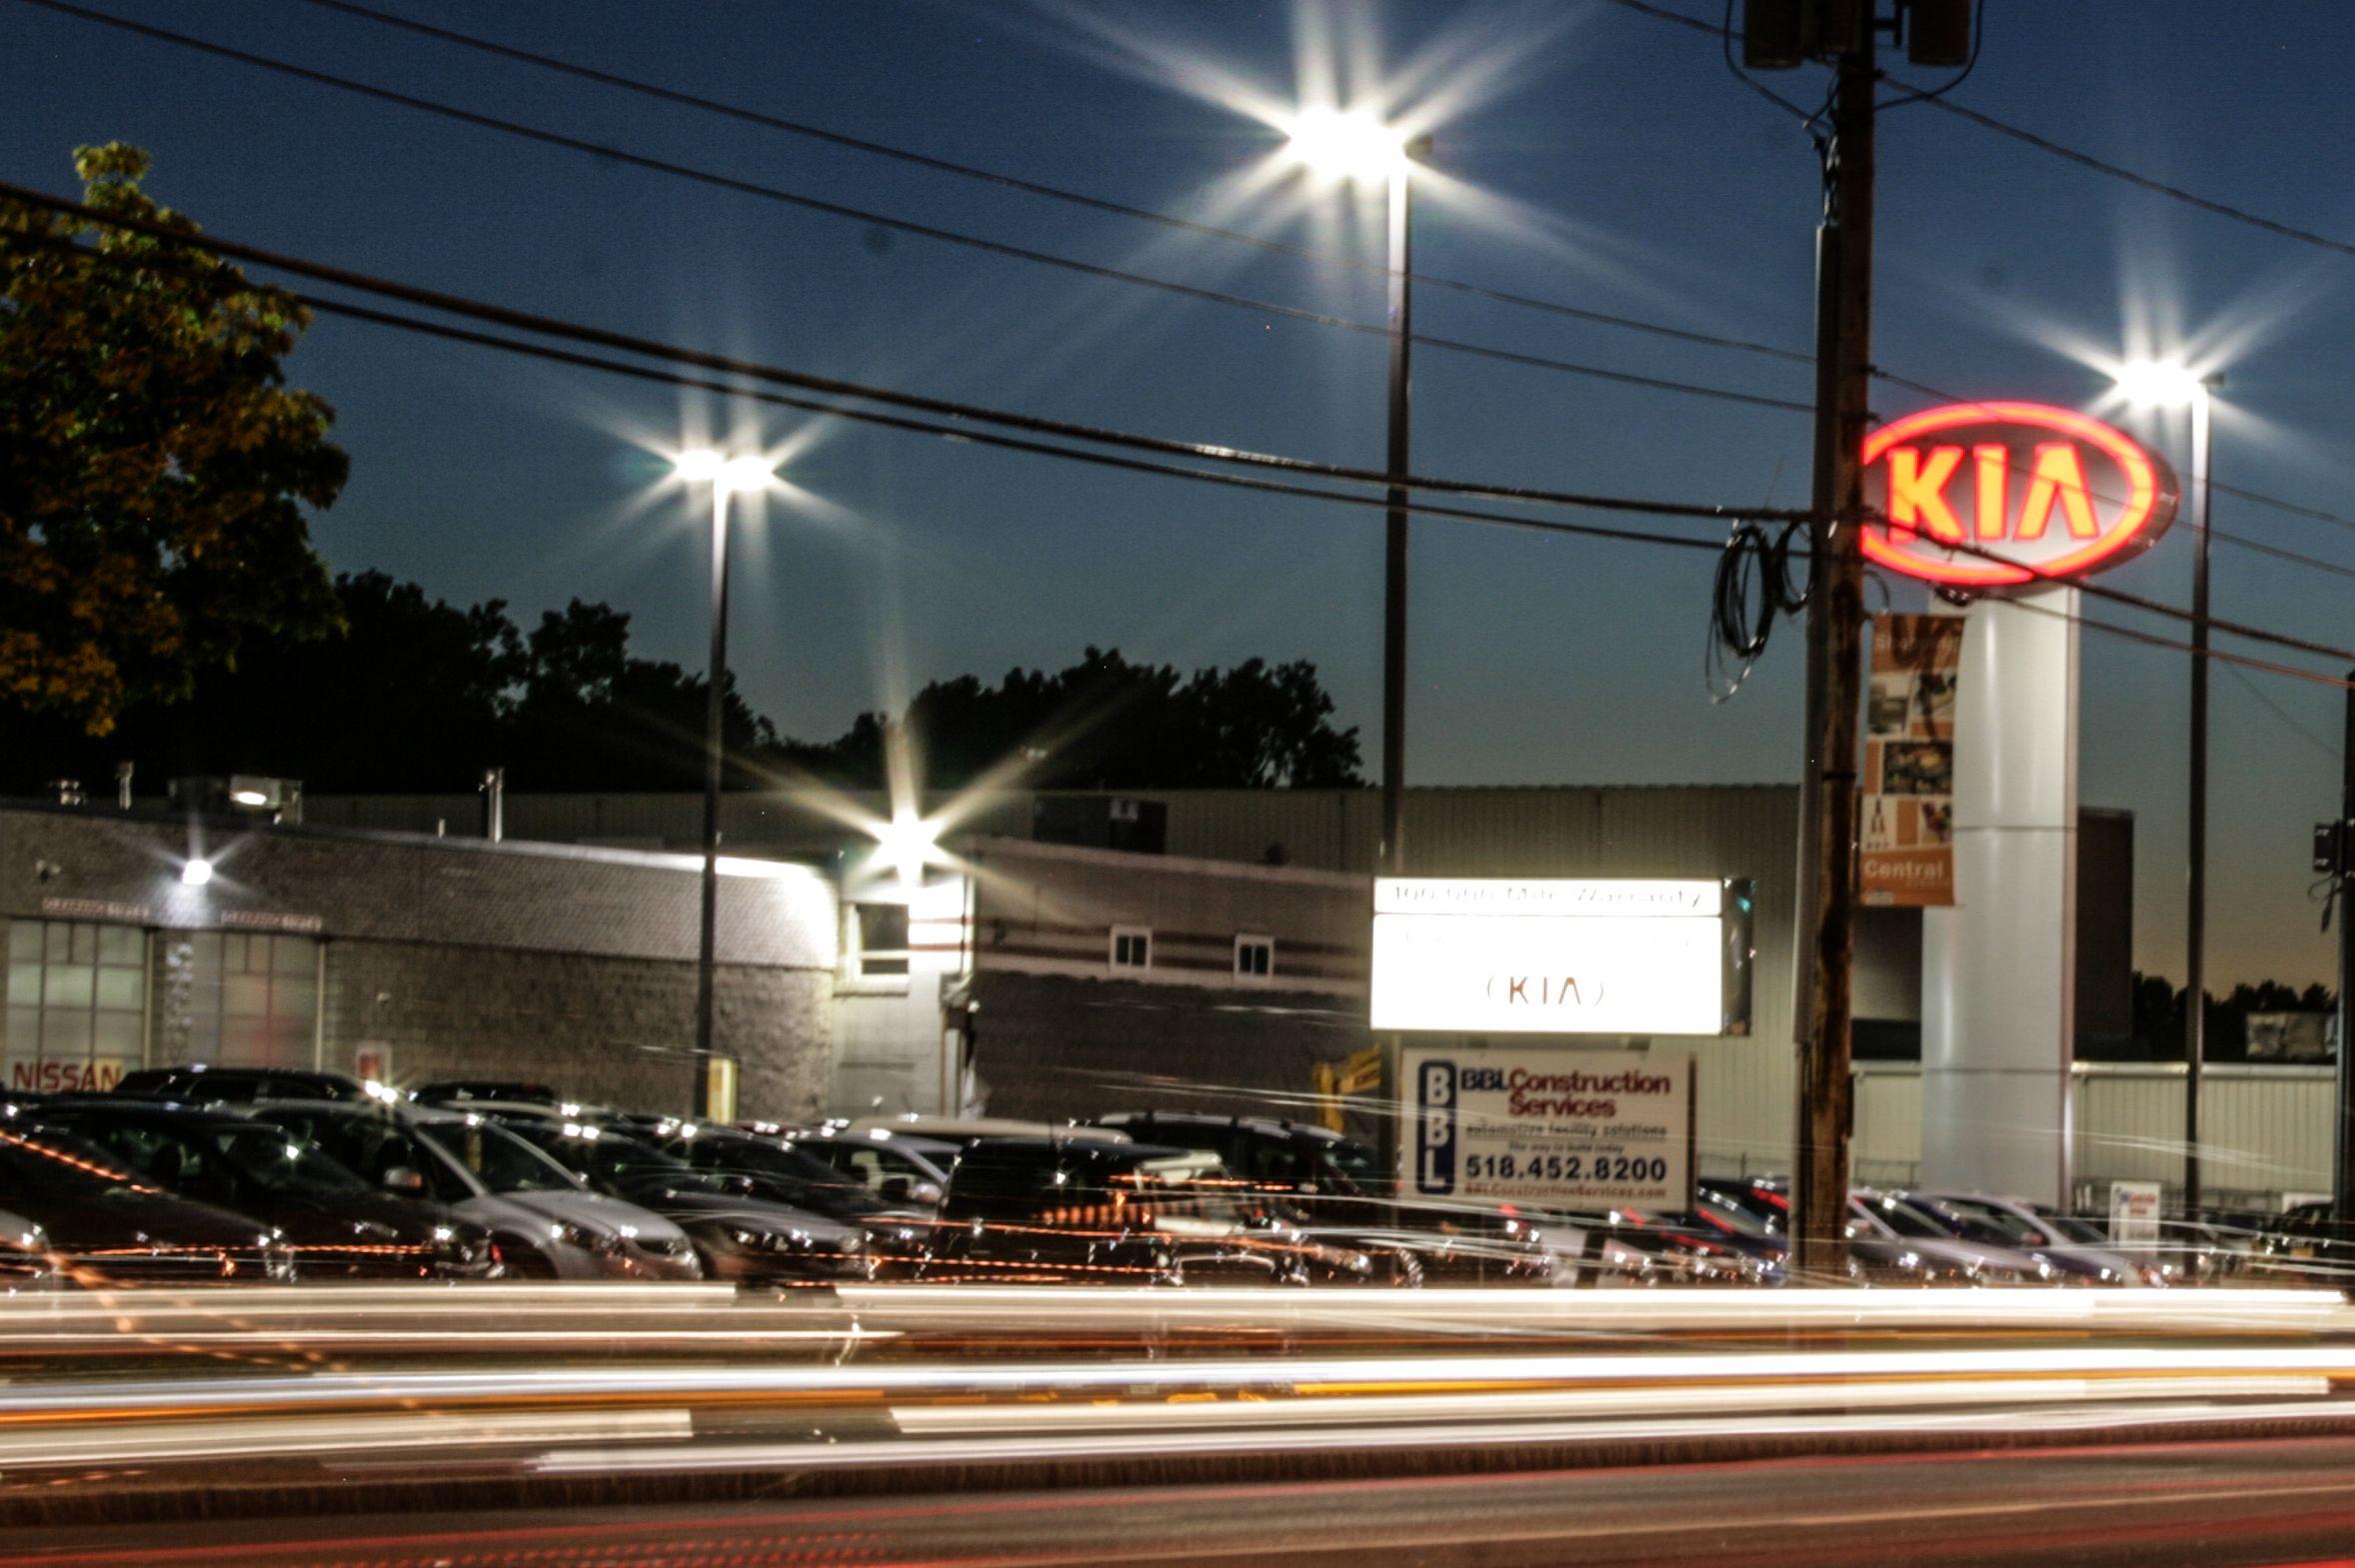 Pin By Destination Kia On Kia Forte Night Lights Clifton Park Kia Clifton